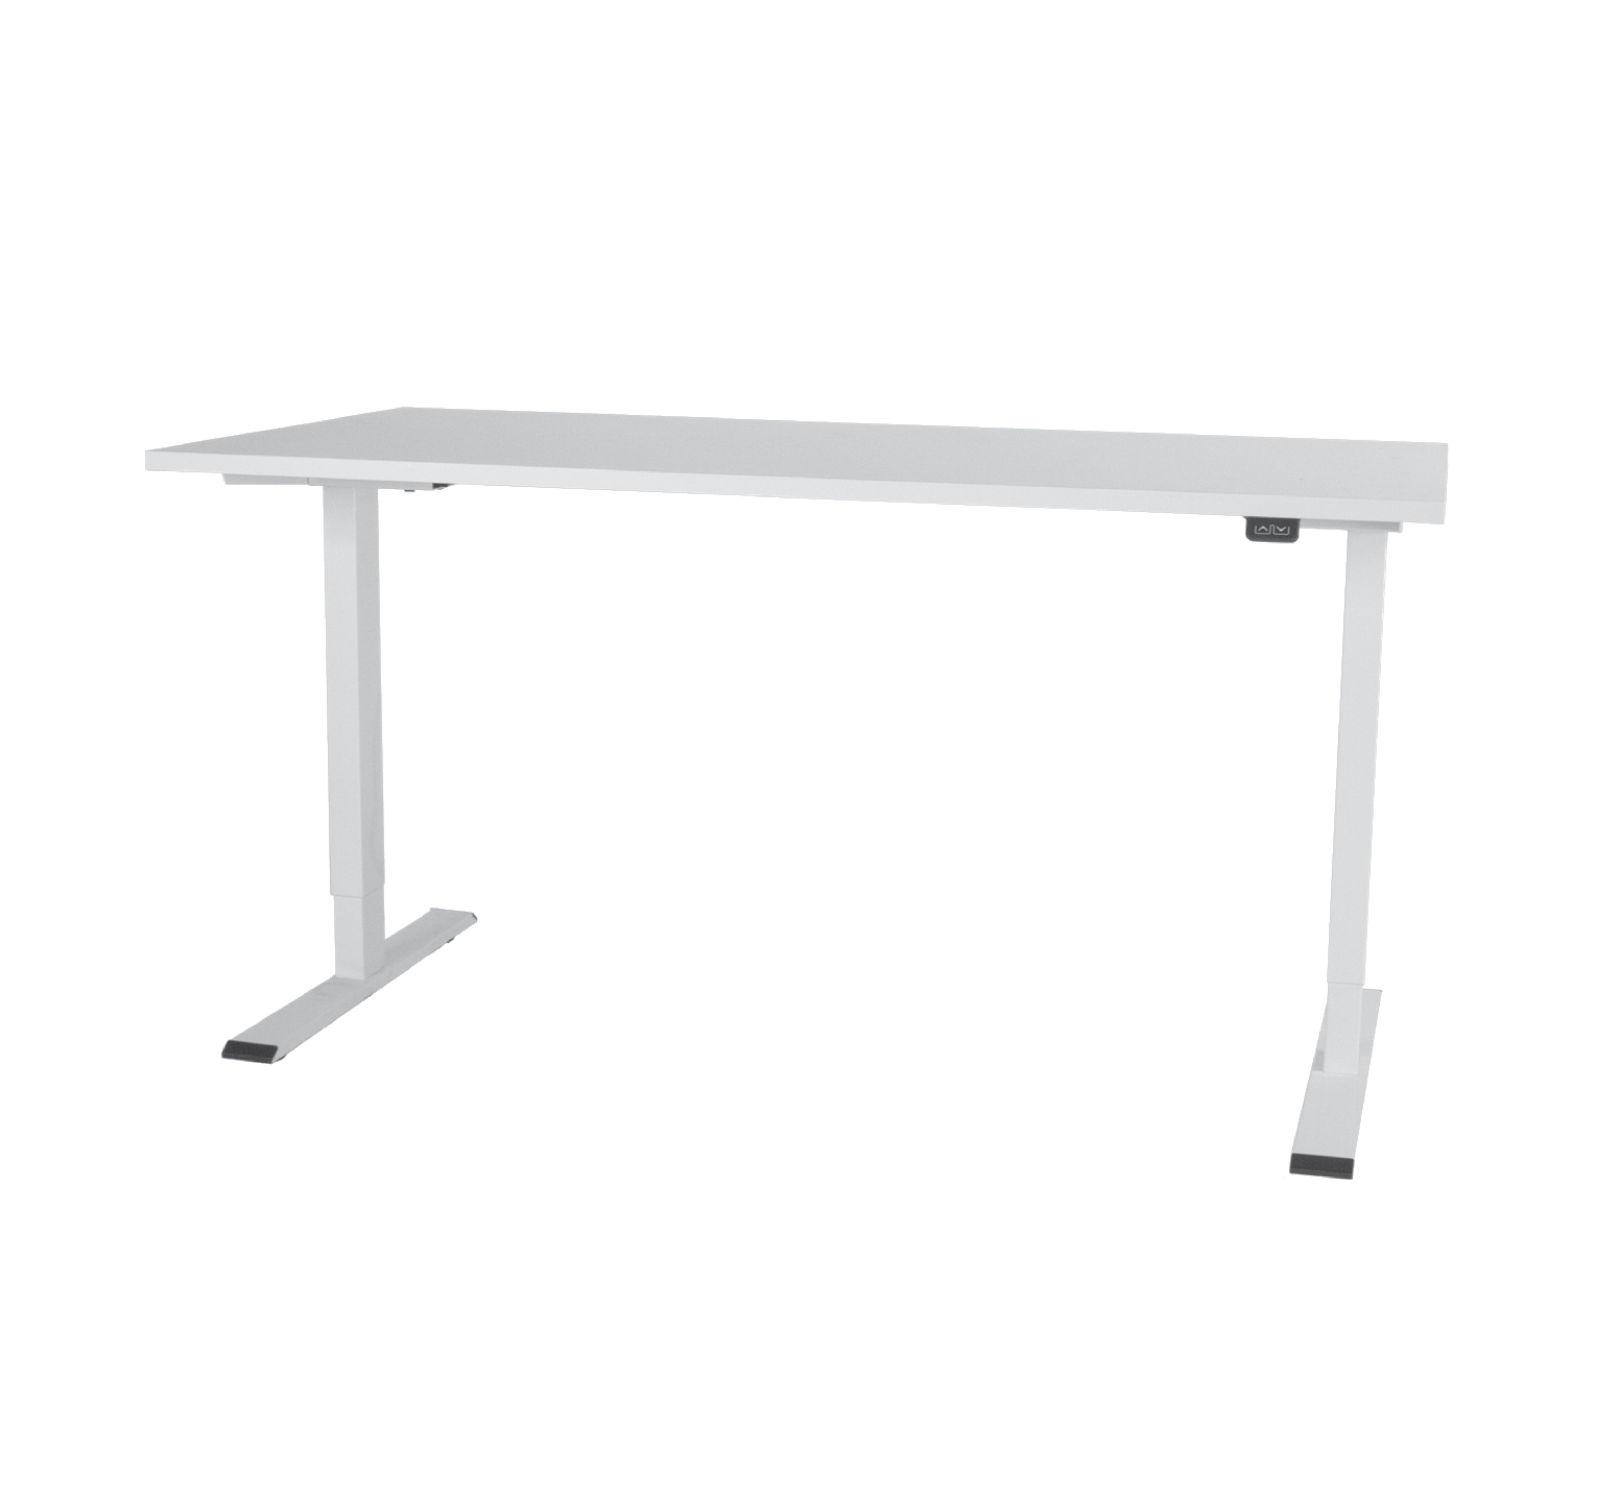 Sähkötyöpöytä Basic 120 x 80 edullinen säädettävä työpöytä hinta 375€